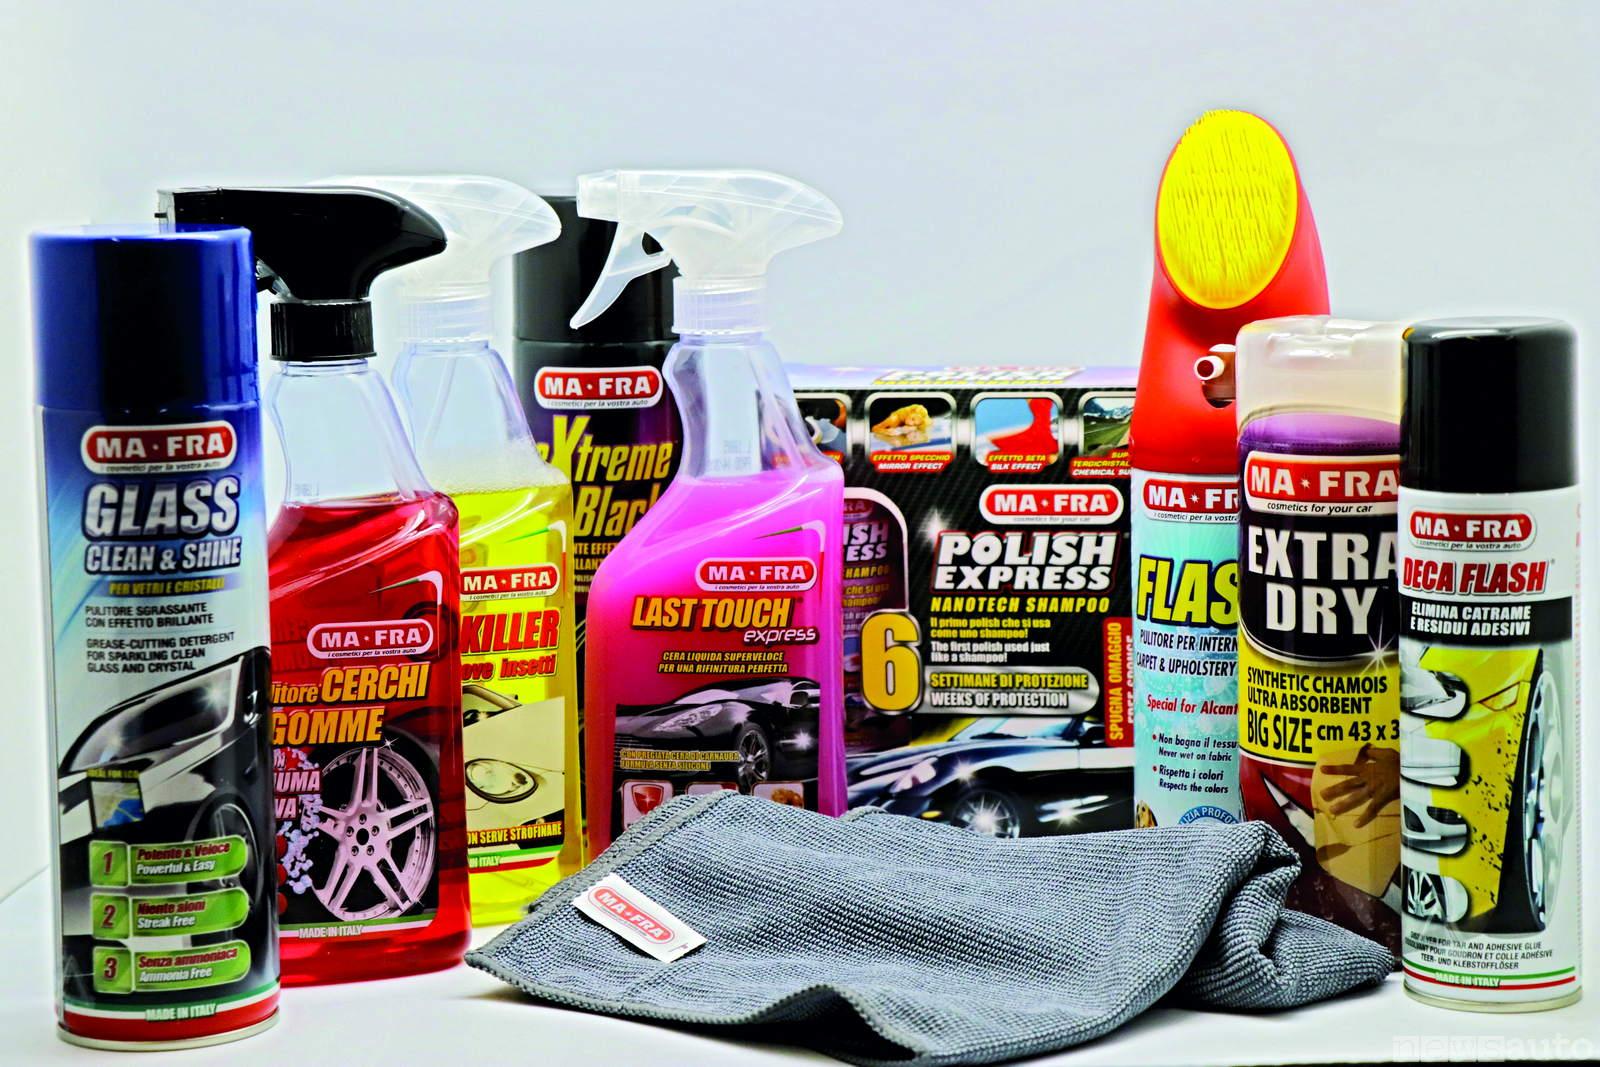 kit pulizia vettura MA-FRA per plastica, gomme, cruscotto, pelle